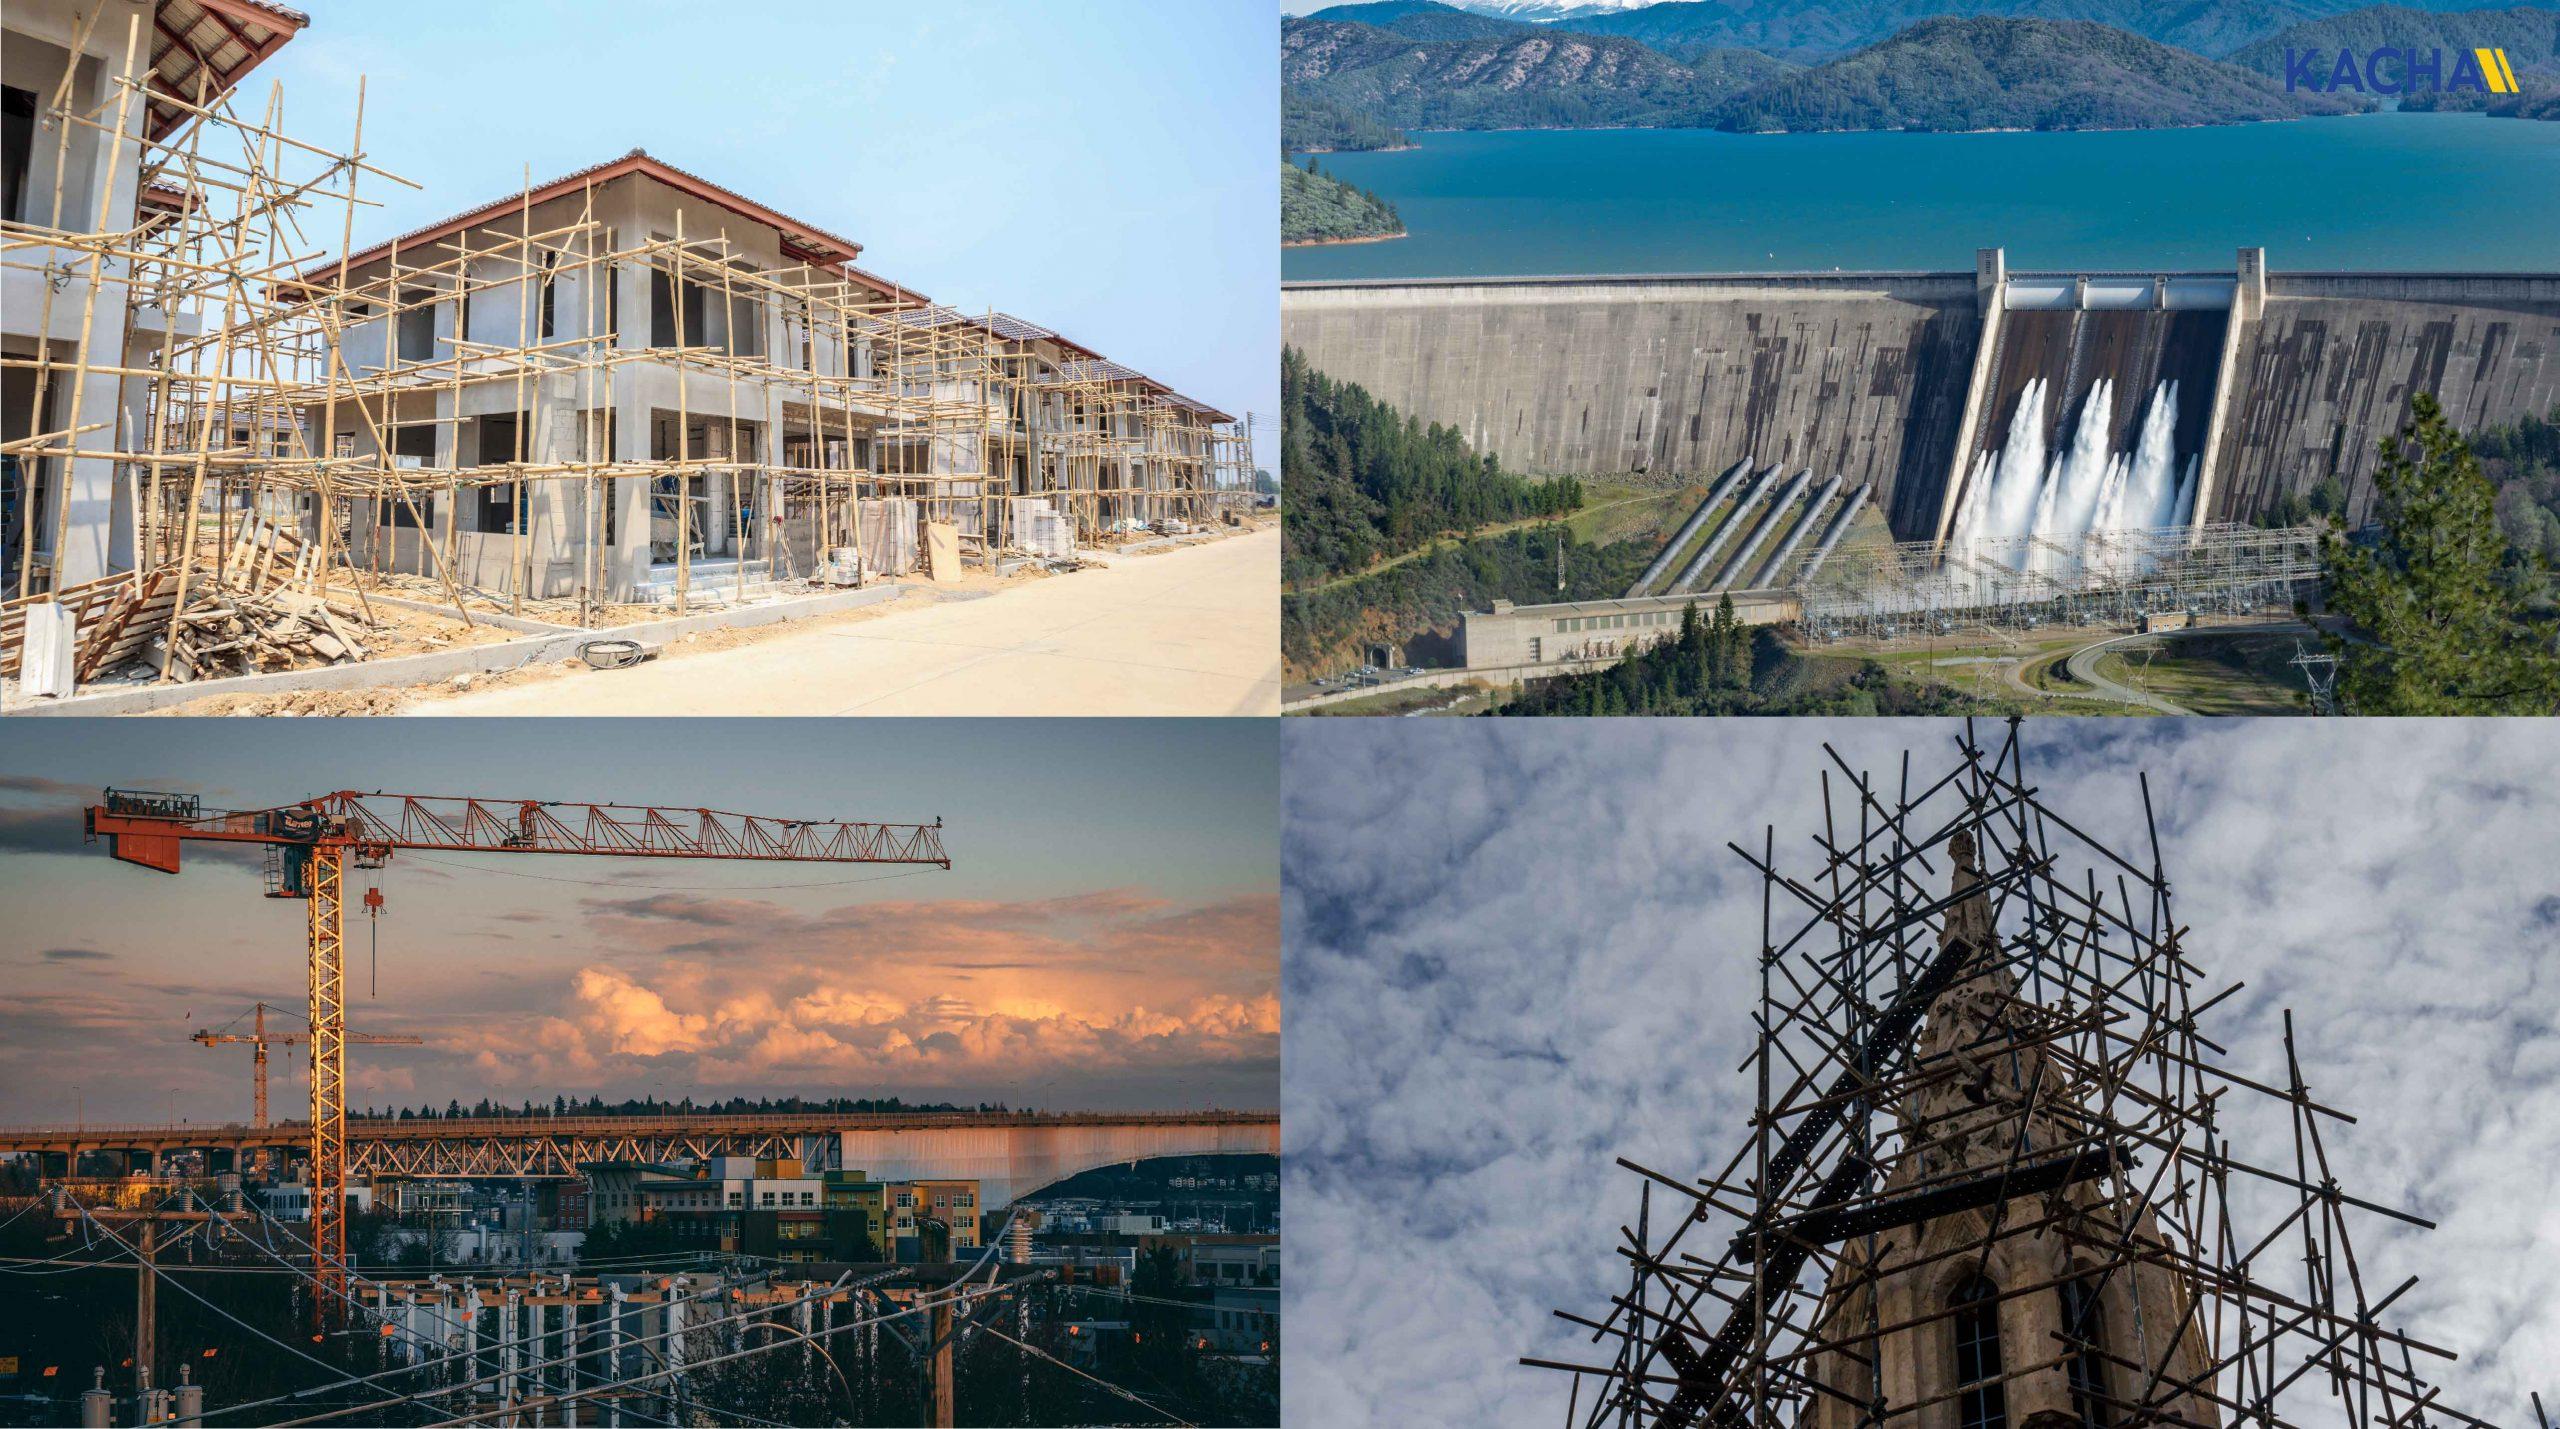 201223-Content-ประเภท-งานก่อสร้าง-มีกี่แบบ-02